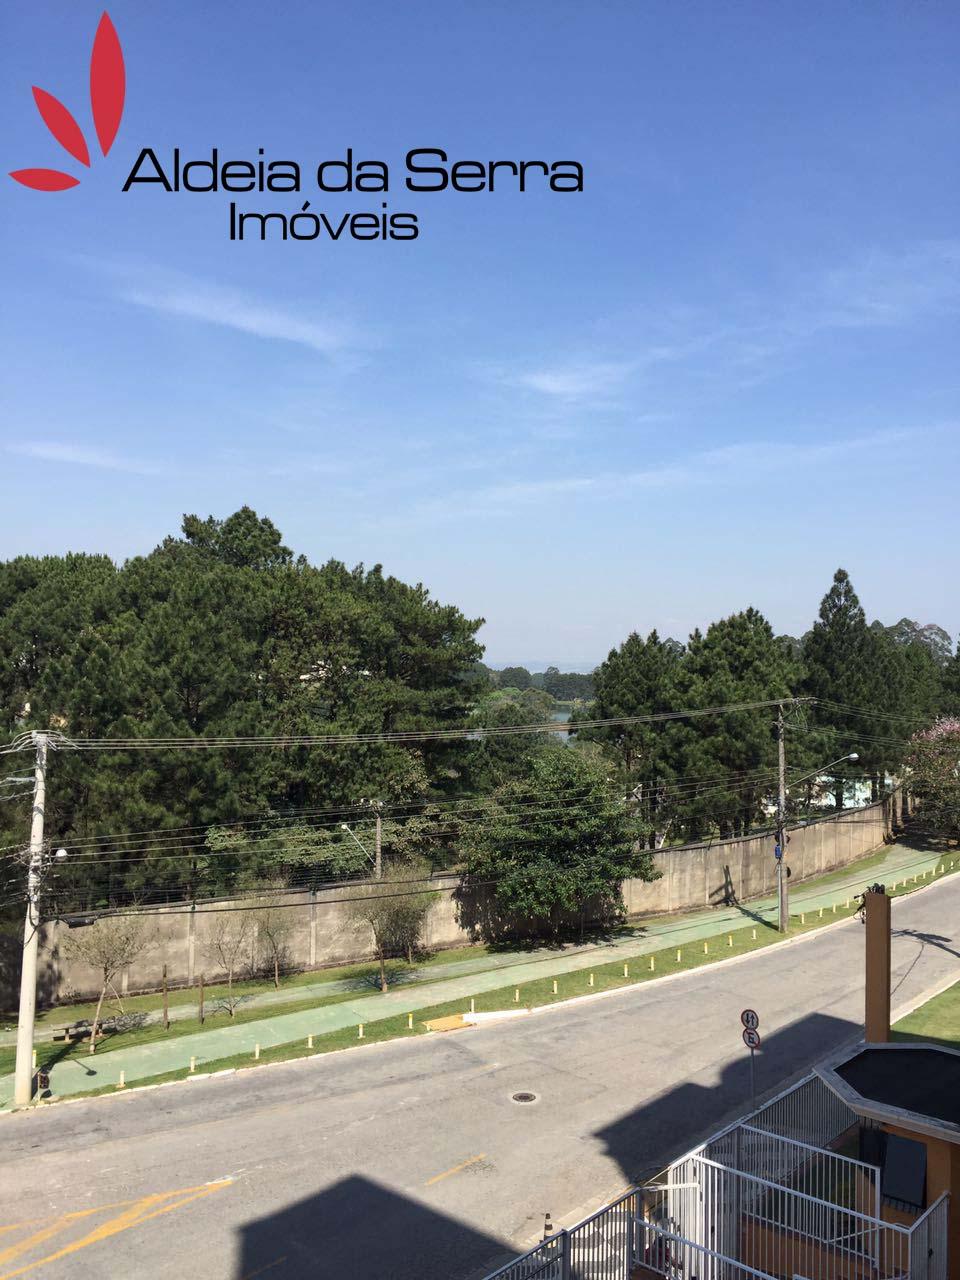 /admin/imoveis/fotos/IMG-20160915-WA0005.jpg Aldeia da Serra Imoveis